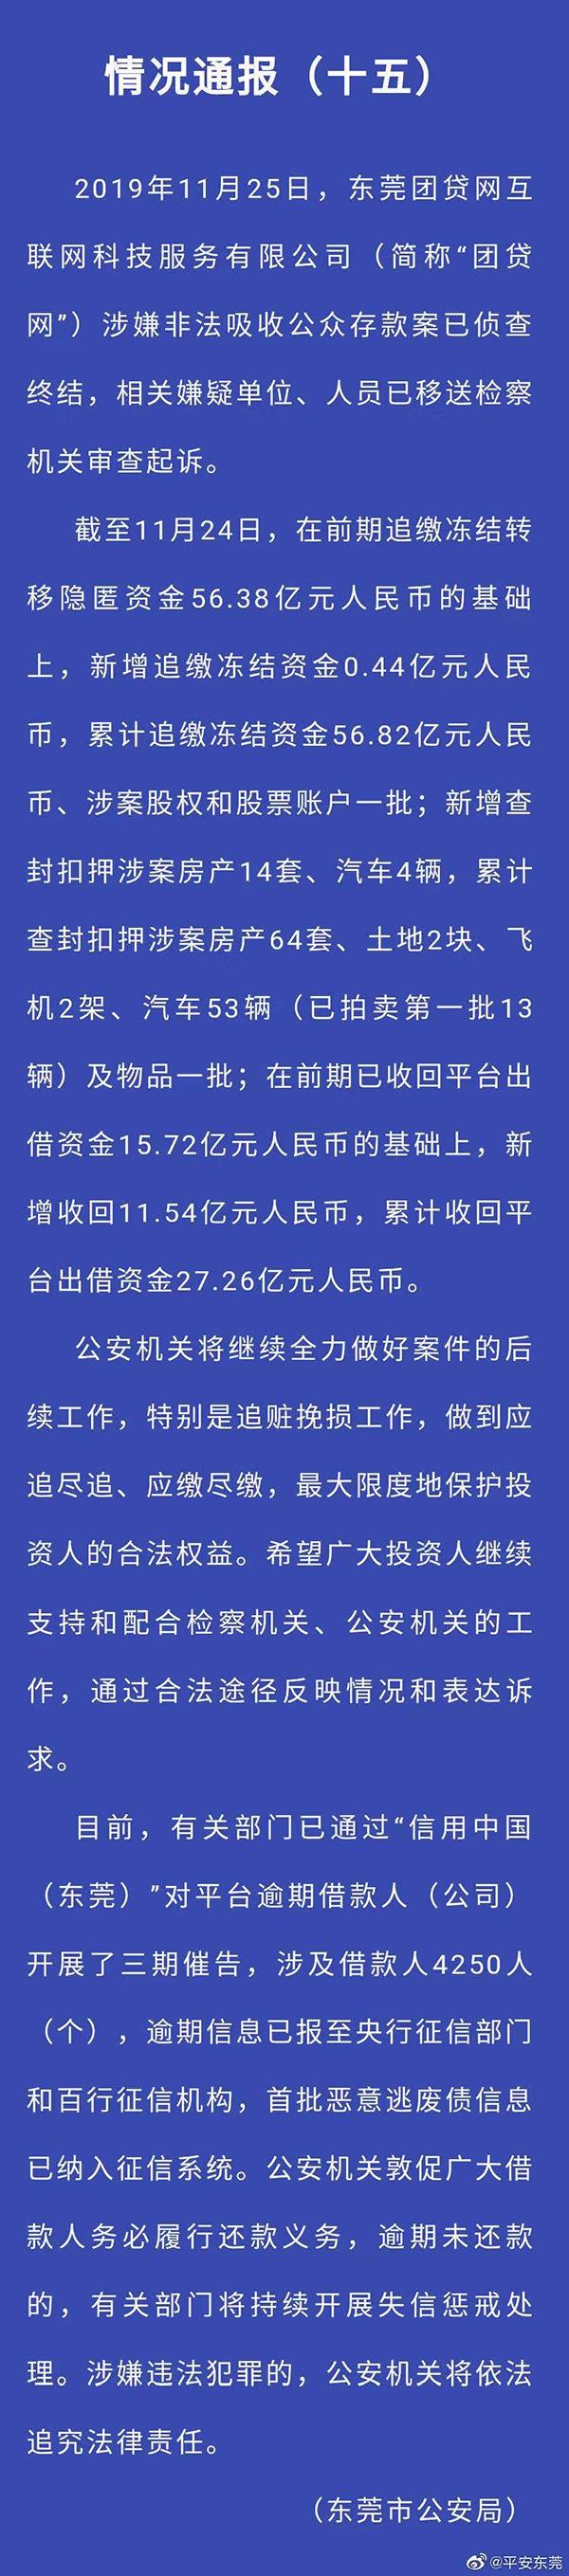 上海高院工作报告:今年深化长三角法院司法协作